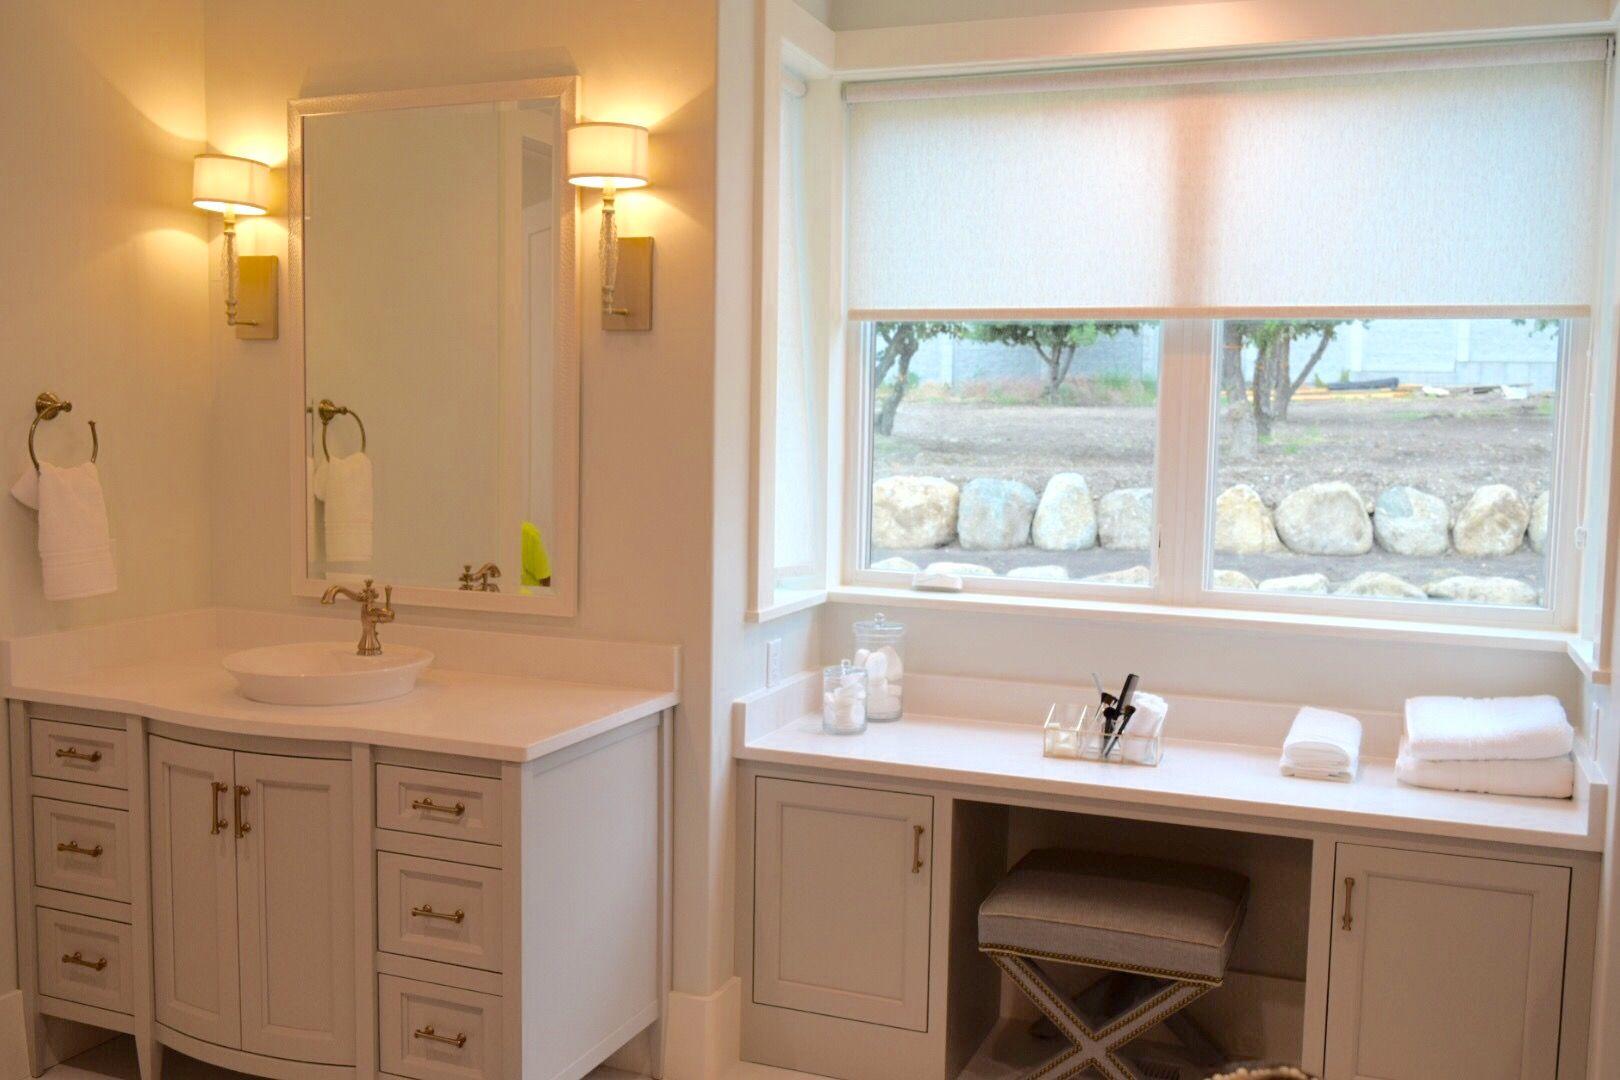 Bathroom Vanity Makeup Area In Front Of Window Bathroom